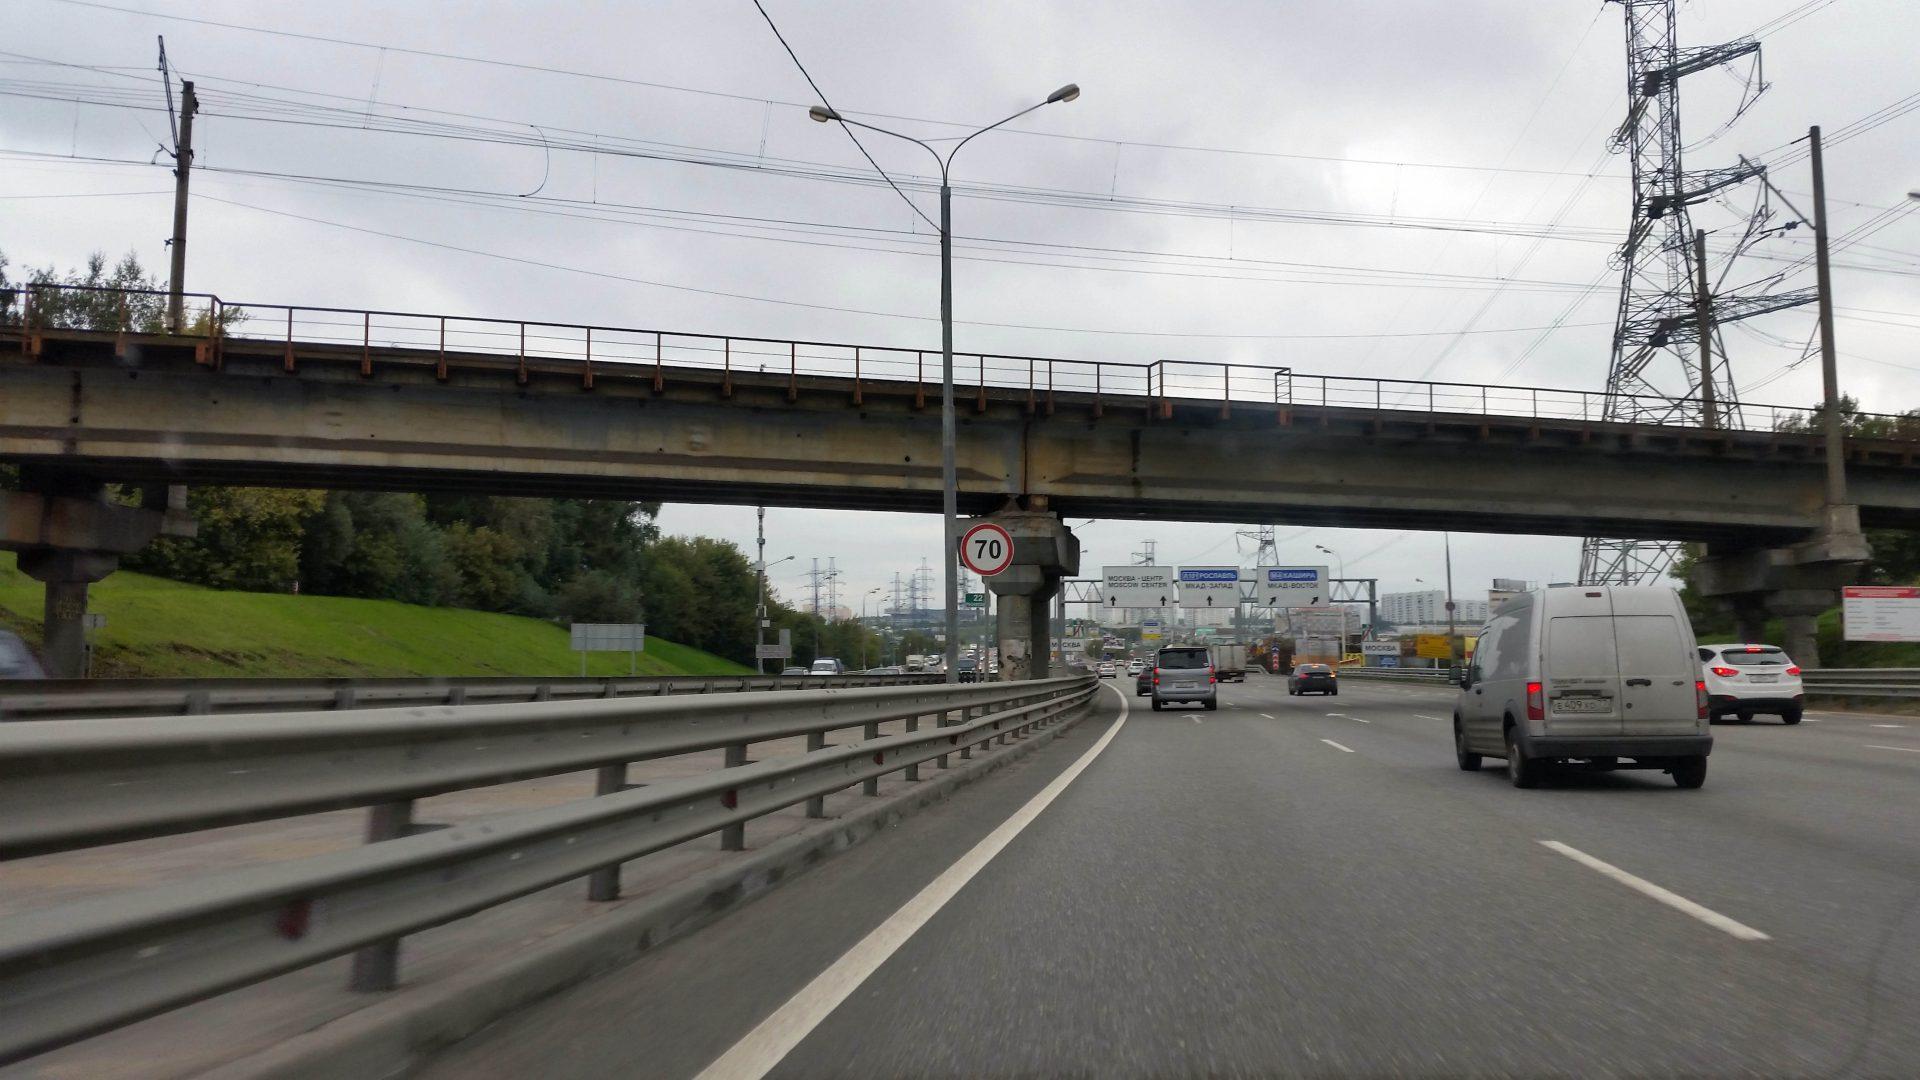 Ловушка на М2 дорожный знак ограничение скорости